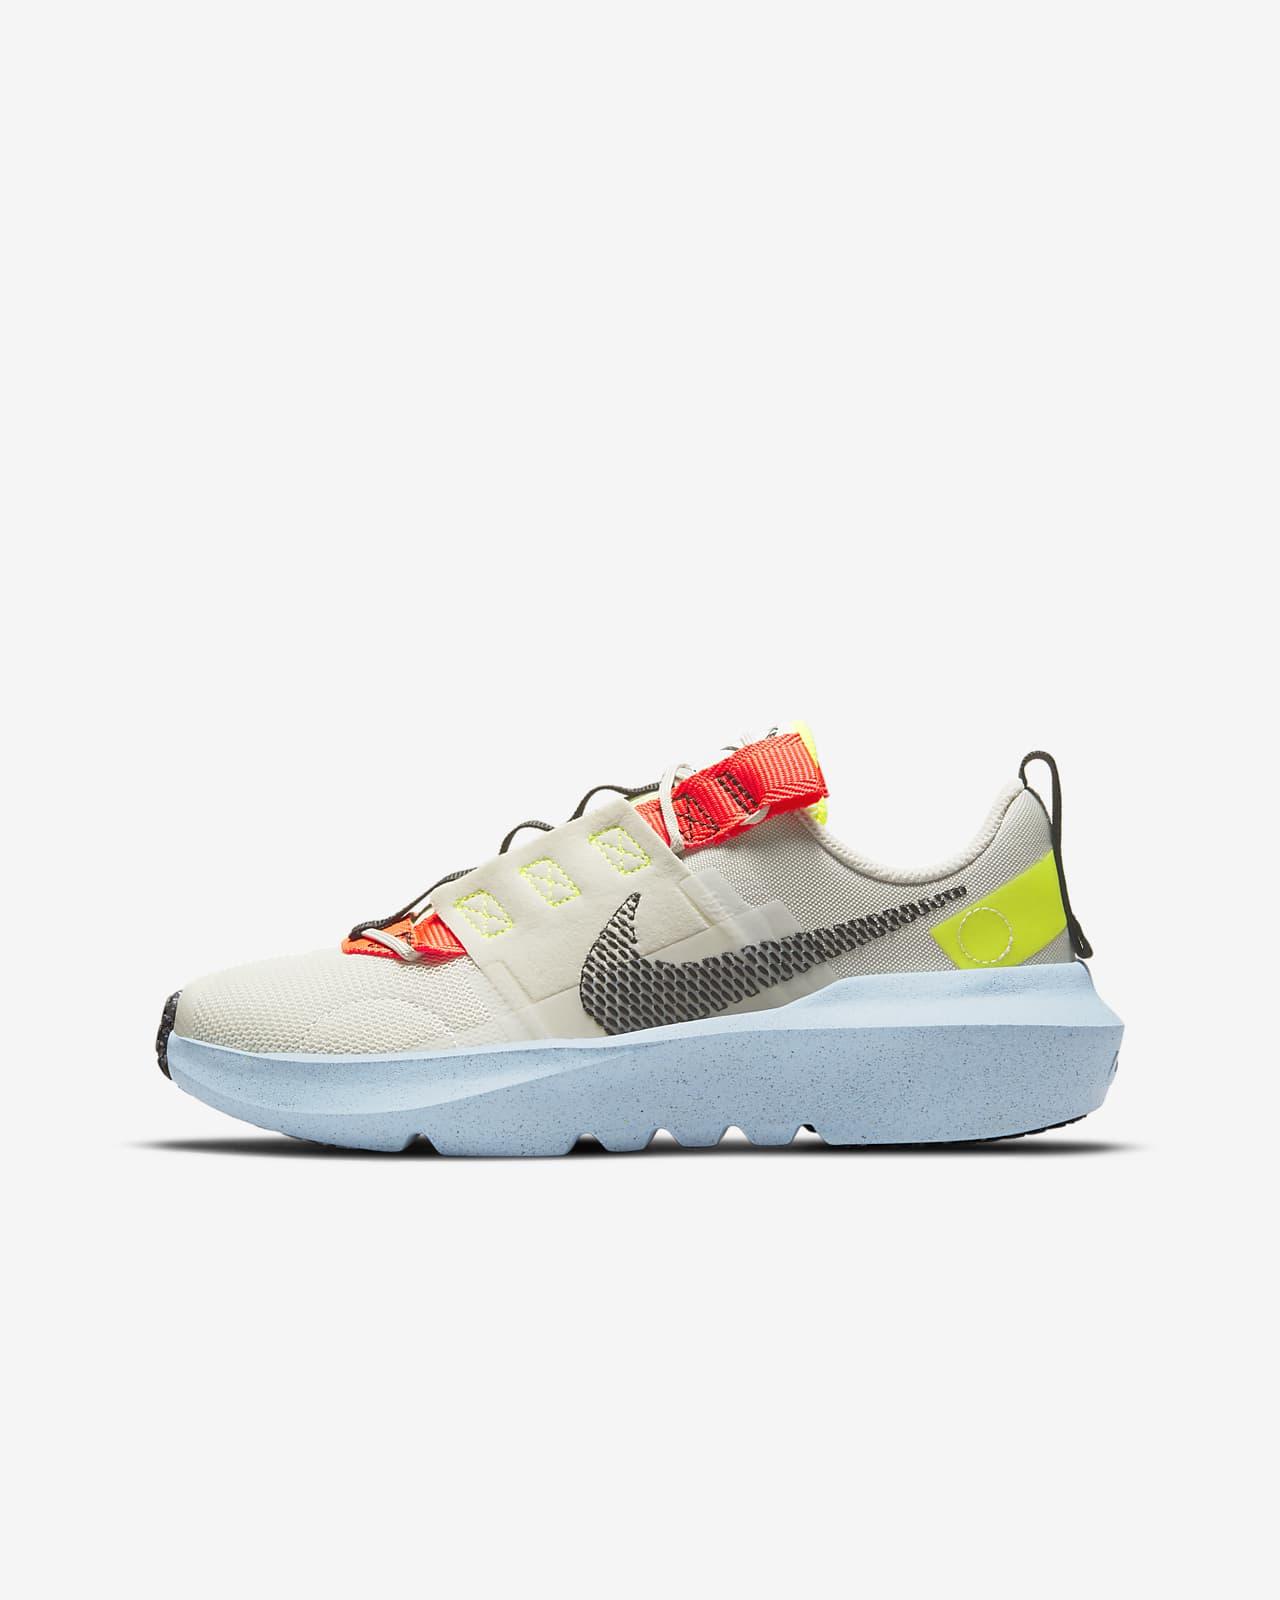 Παπούτσι Nike Crater Impact για μεγάλα παιδιά